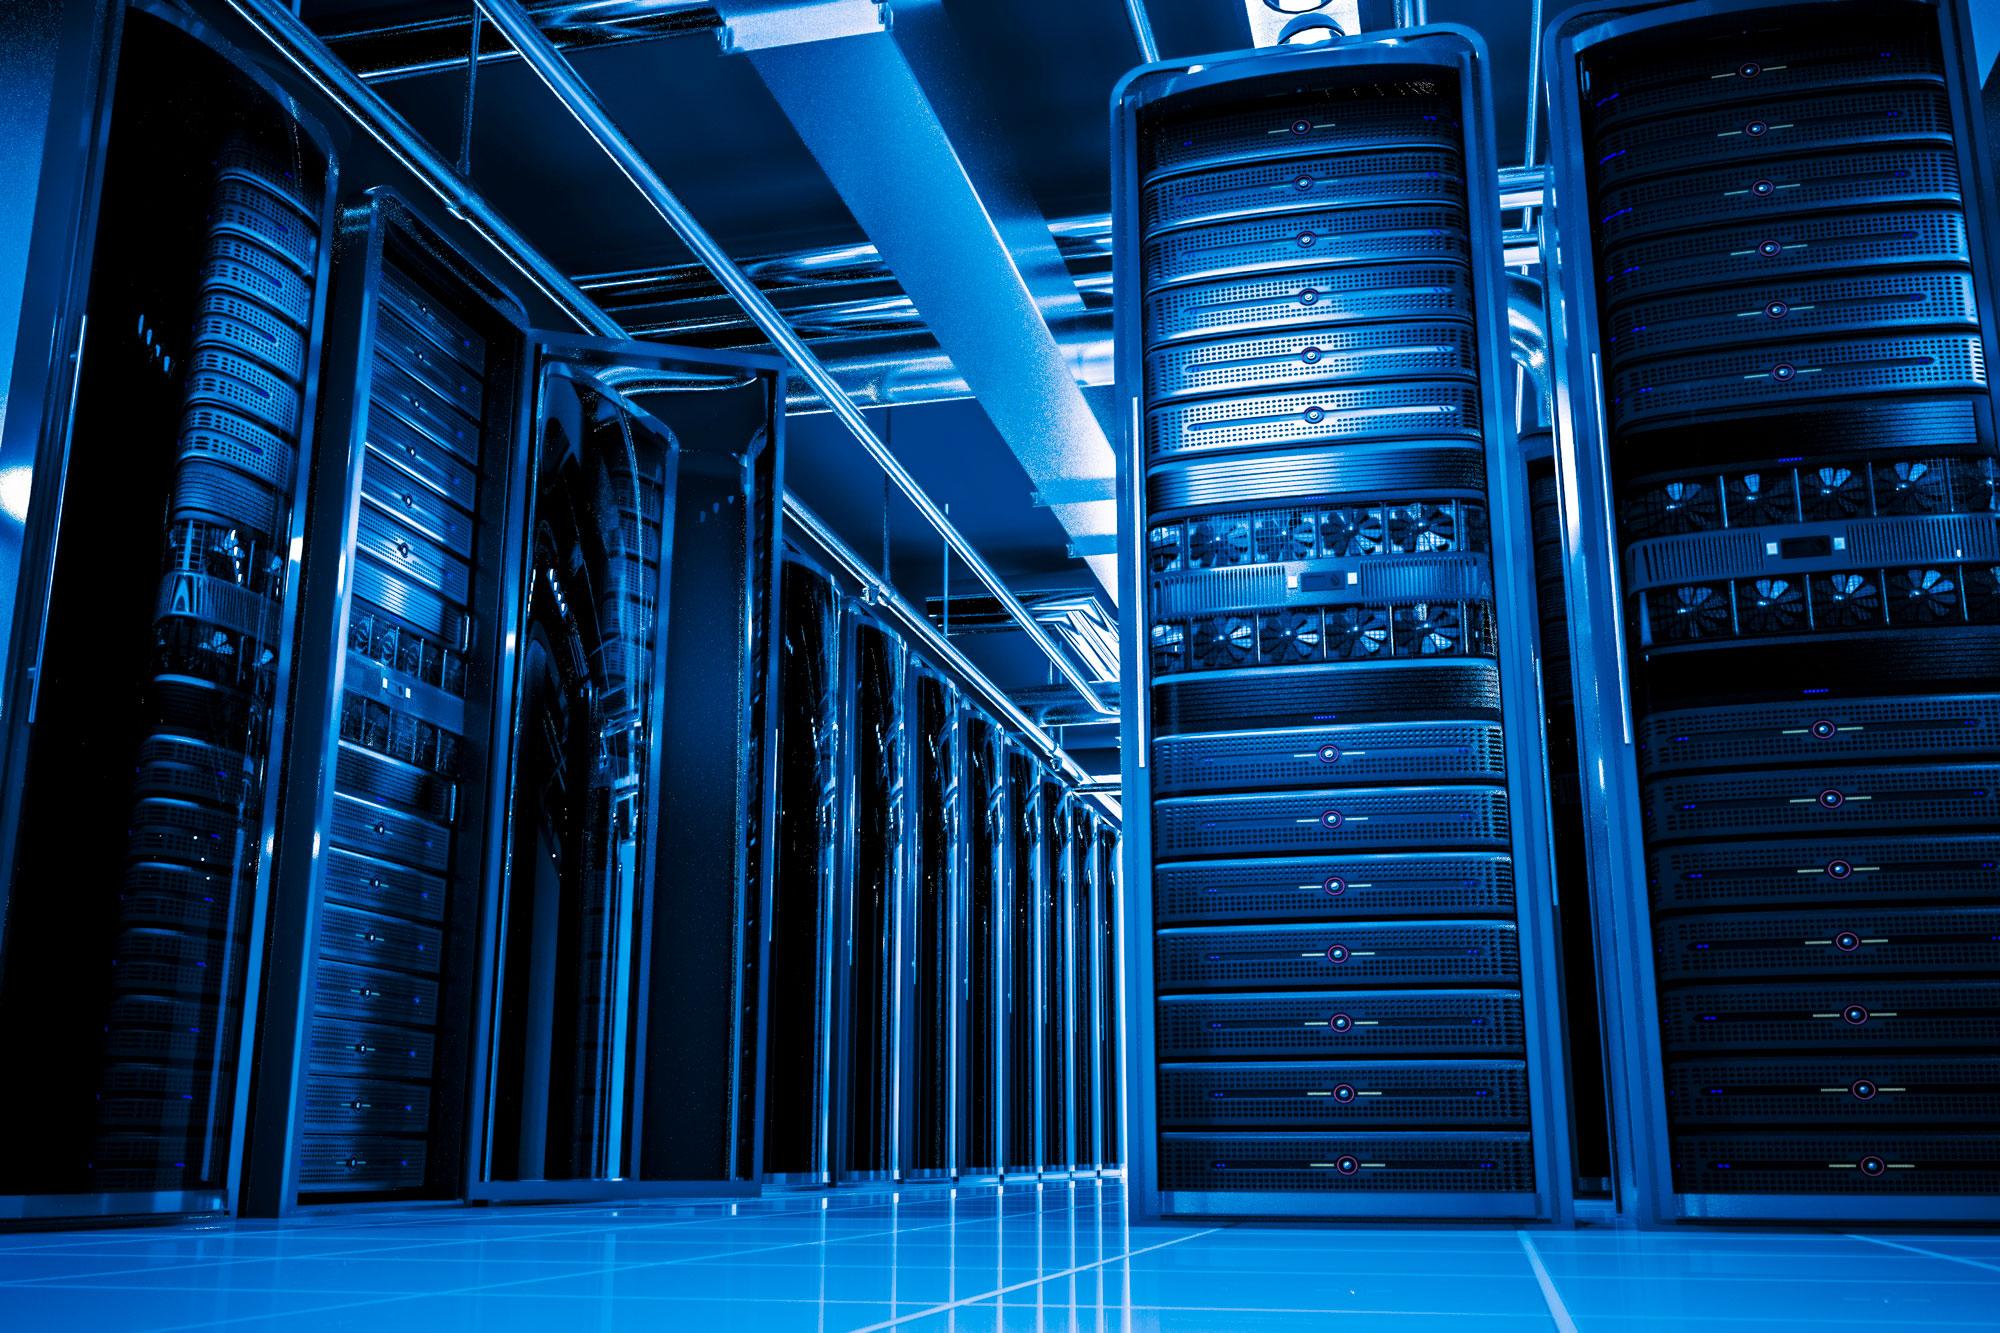 Правительство запретило приобретать иностранные системы хранения данных